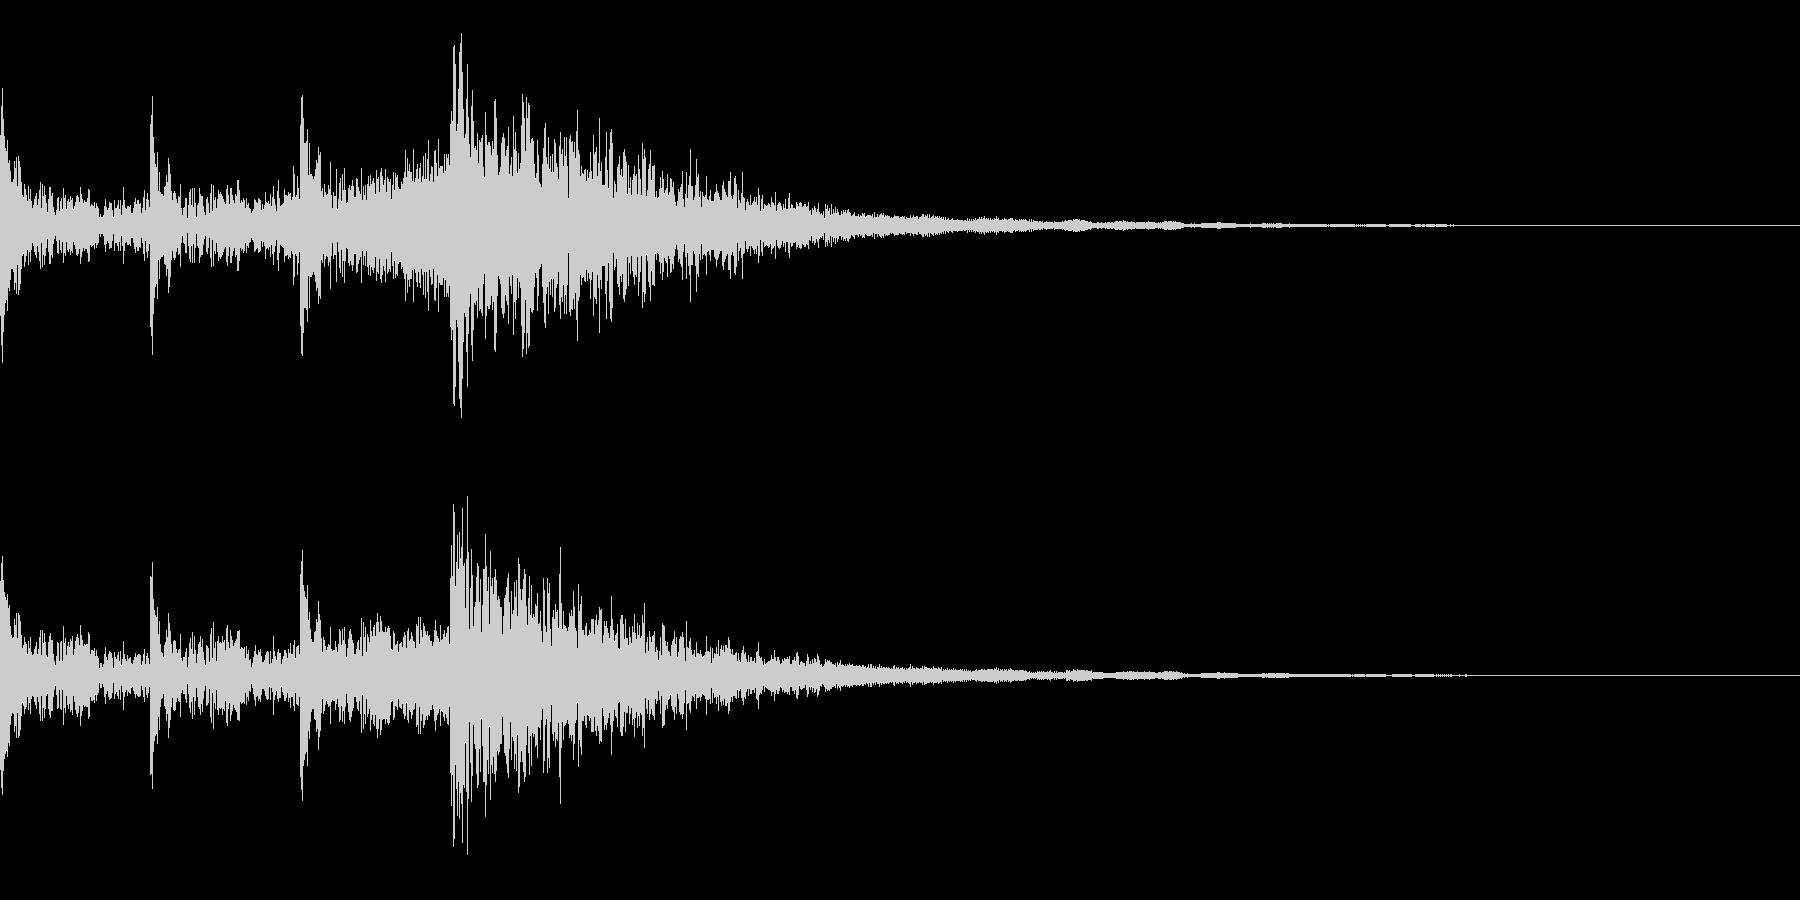 時限爆弾 3秒前 ピ、ピ、ピ、ボン の未再生の波形